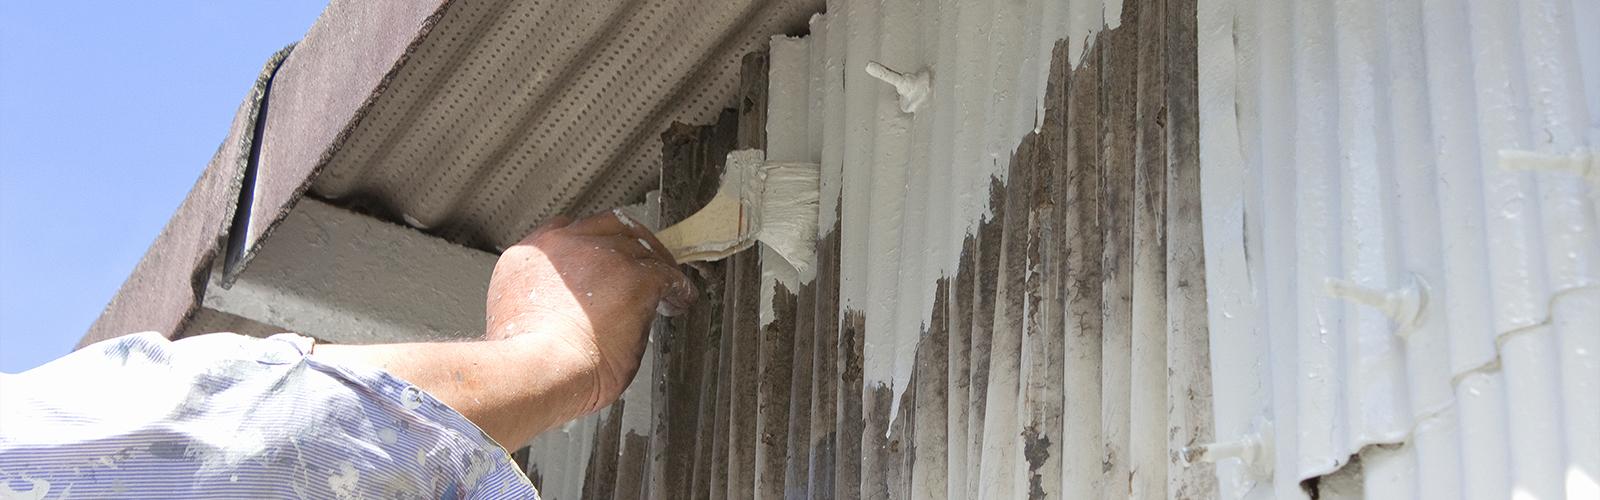 スバルホームサービスの塗装の様子1